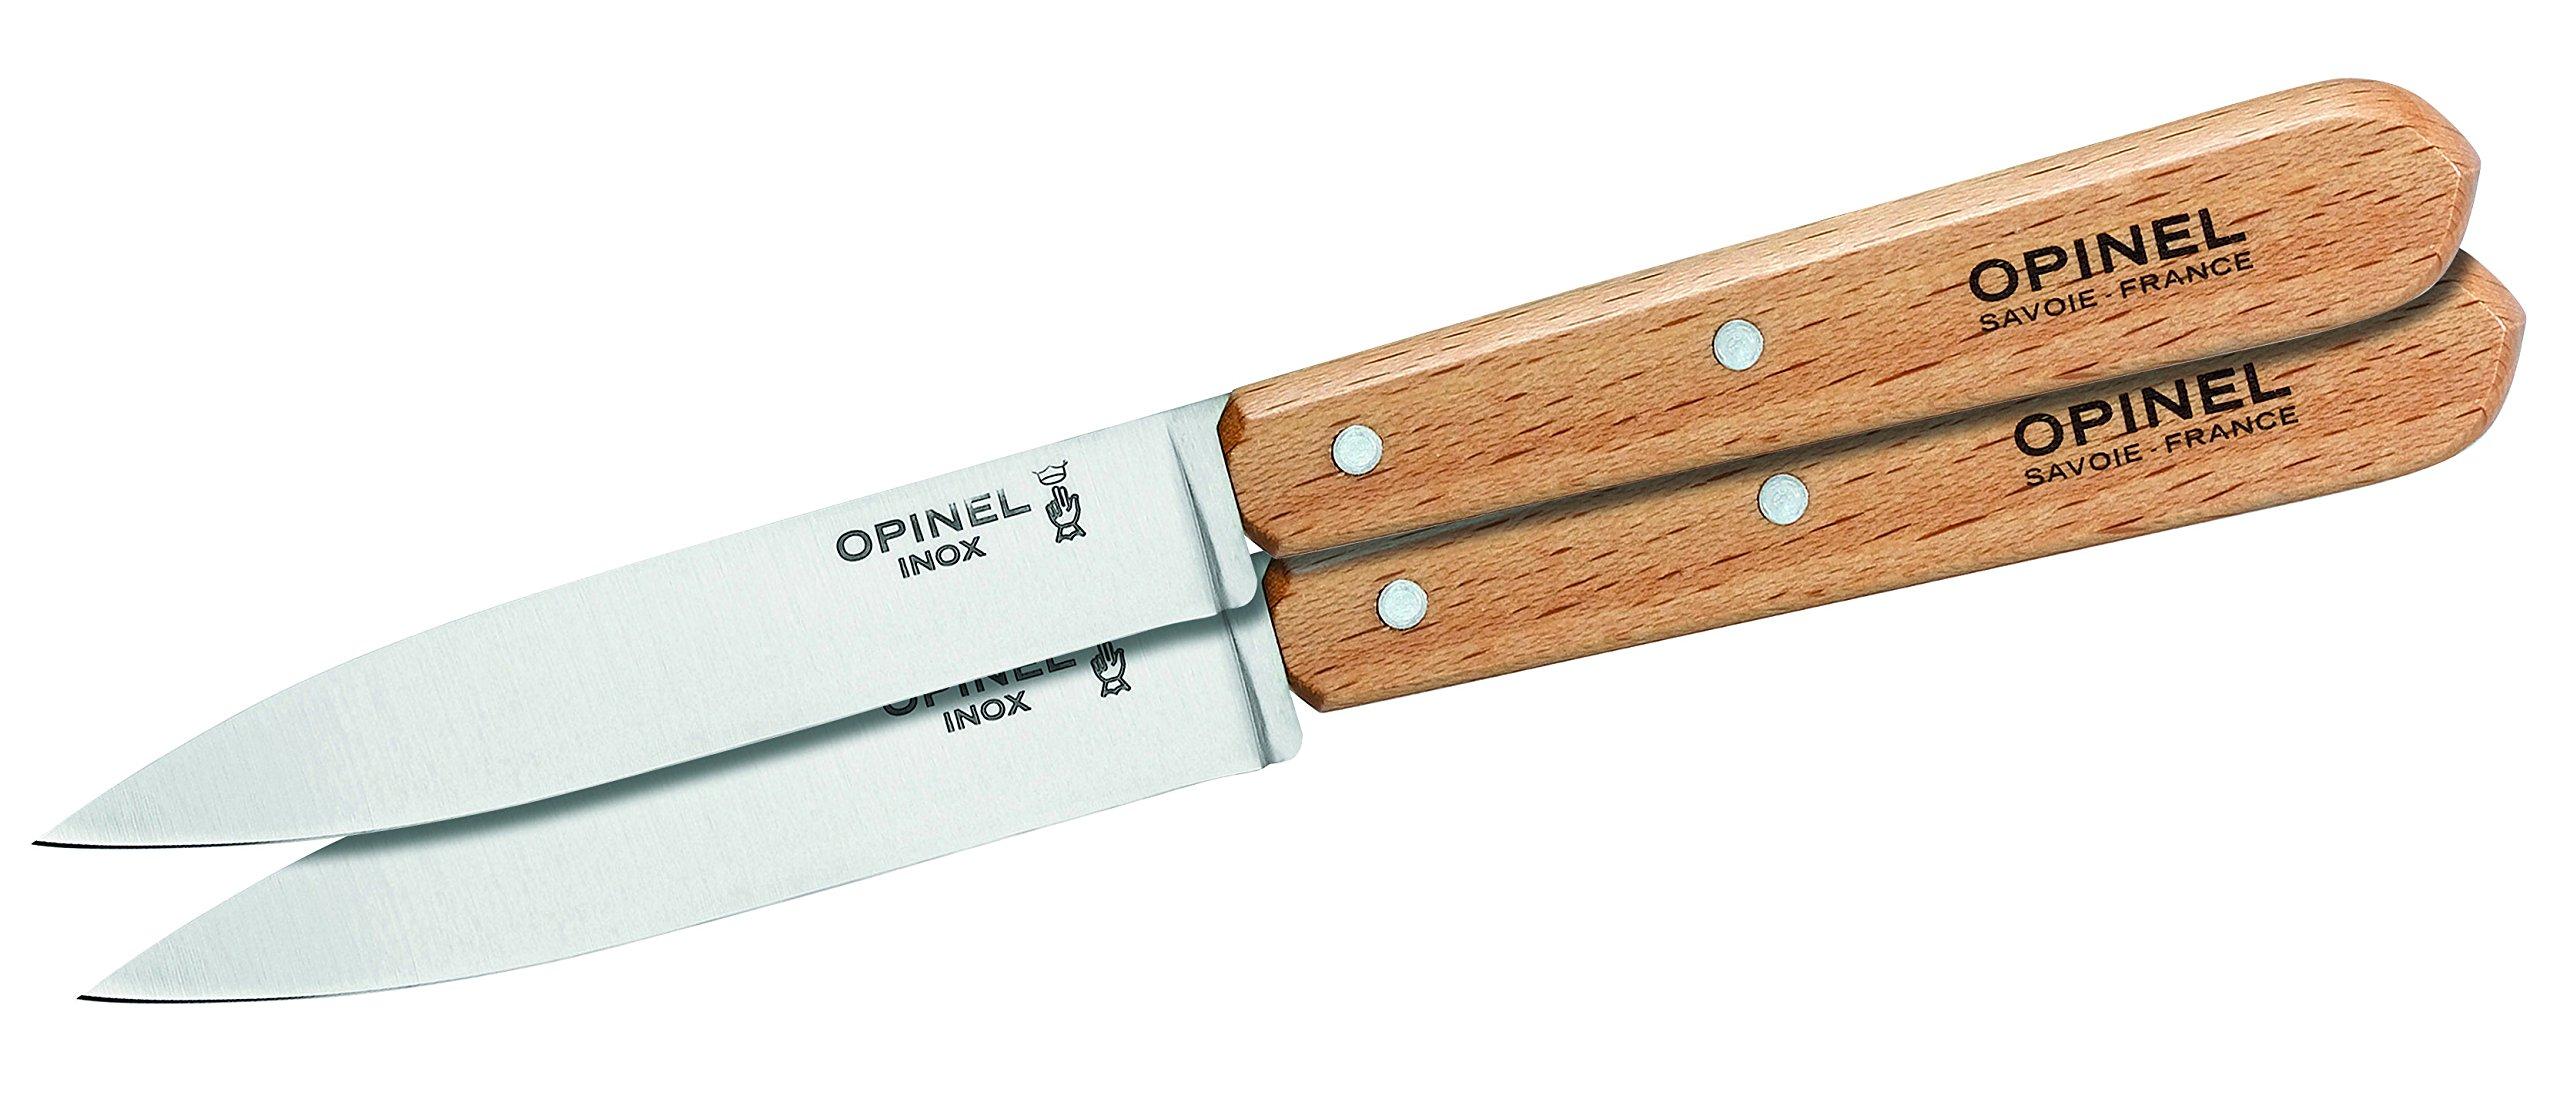 Opinel 112 Natural Varnished Handle Kitchen Paring Knife (Box of 2), 10 cm Blade